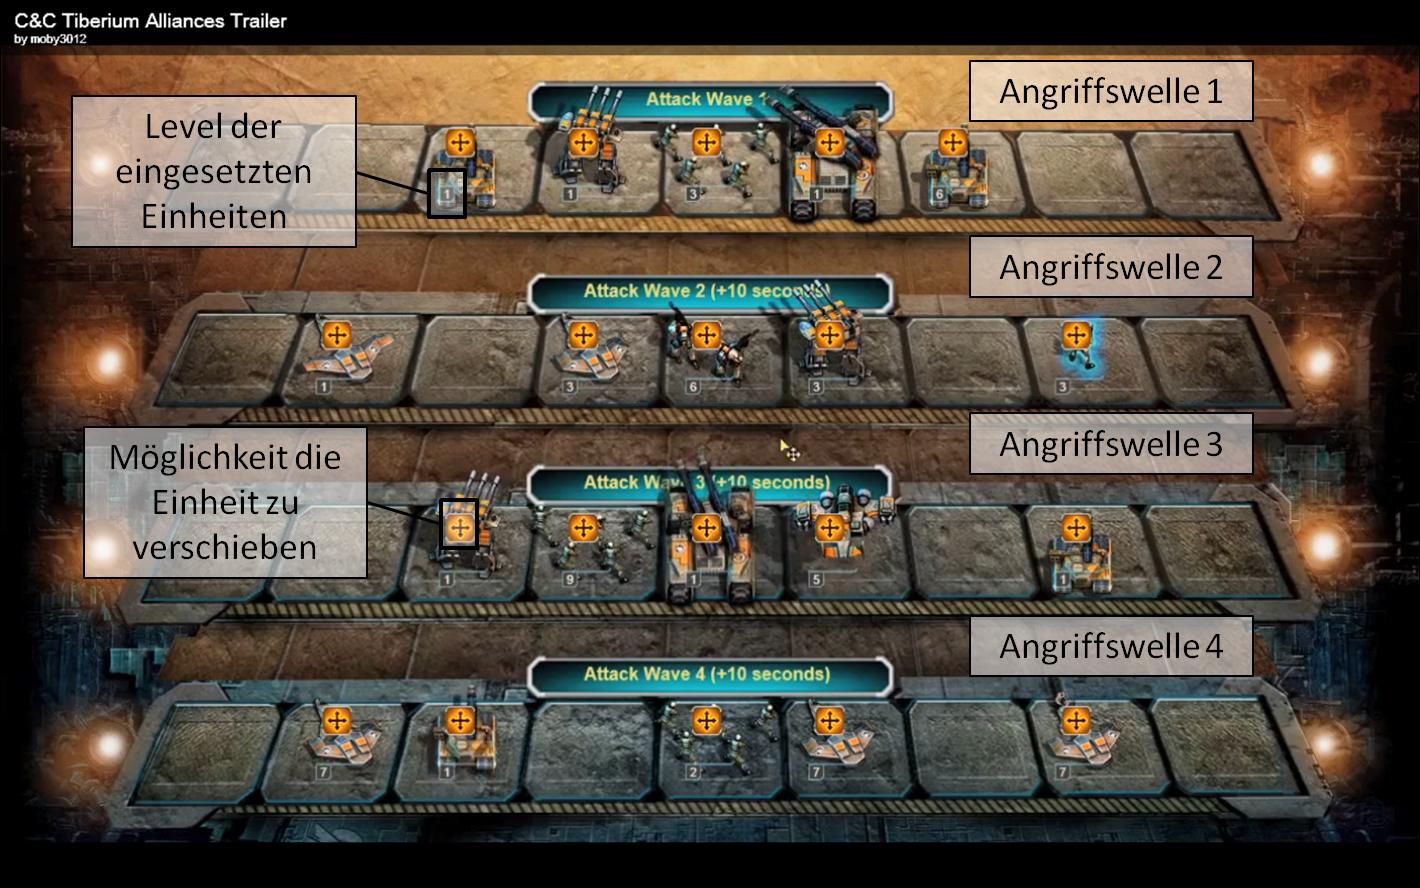 alliances kampfsystem1 Anfängerguide zum Kampfsystem